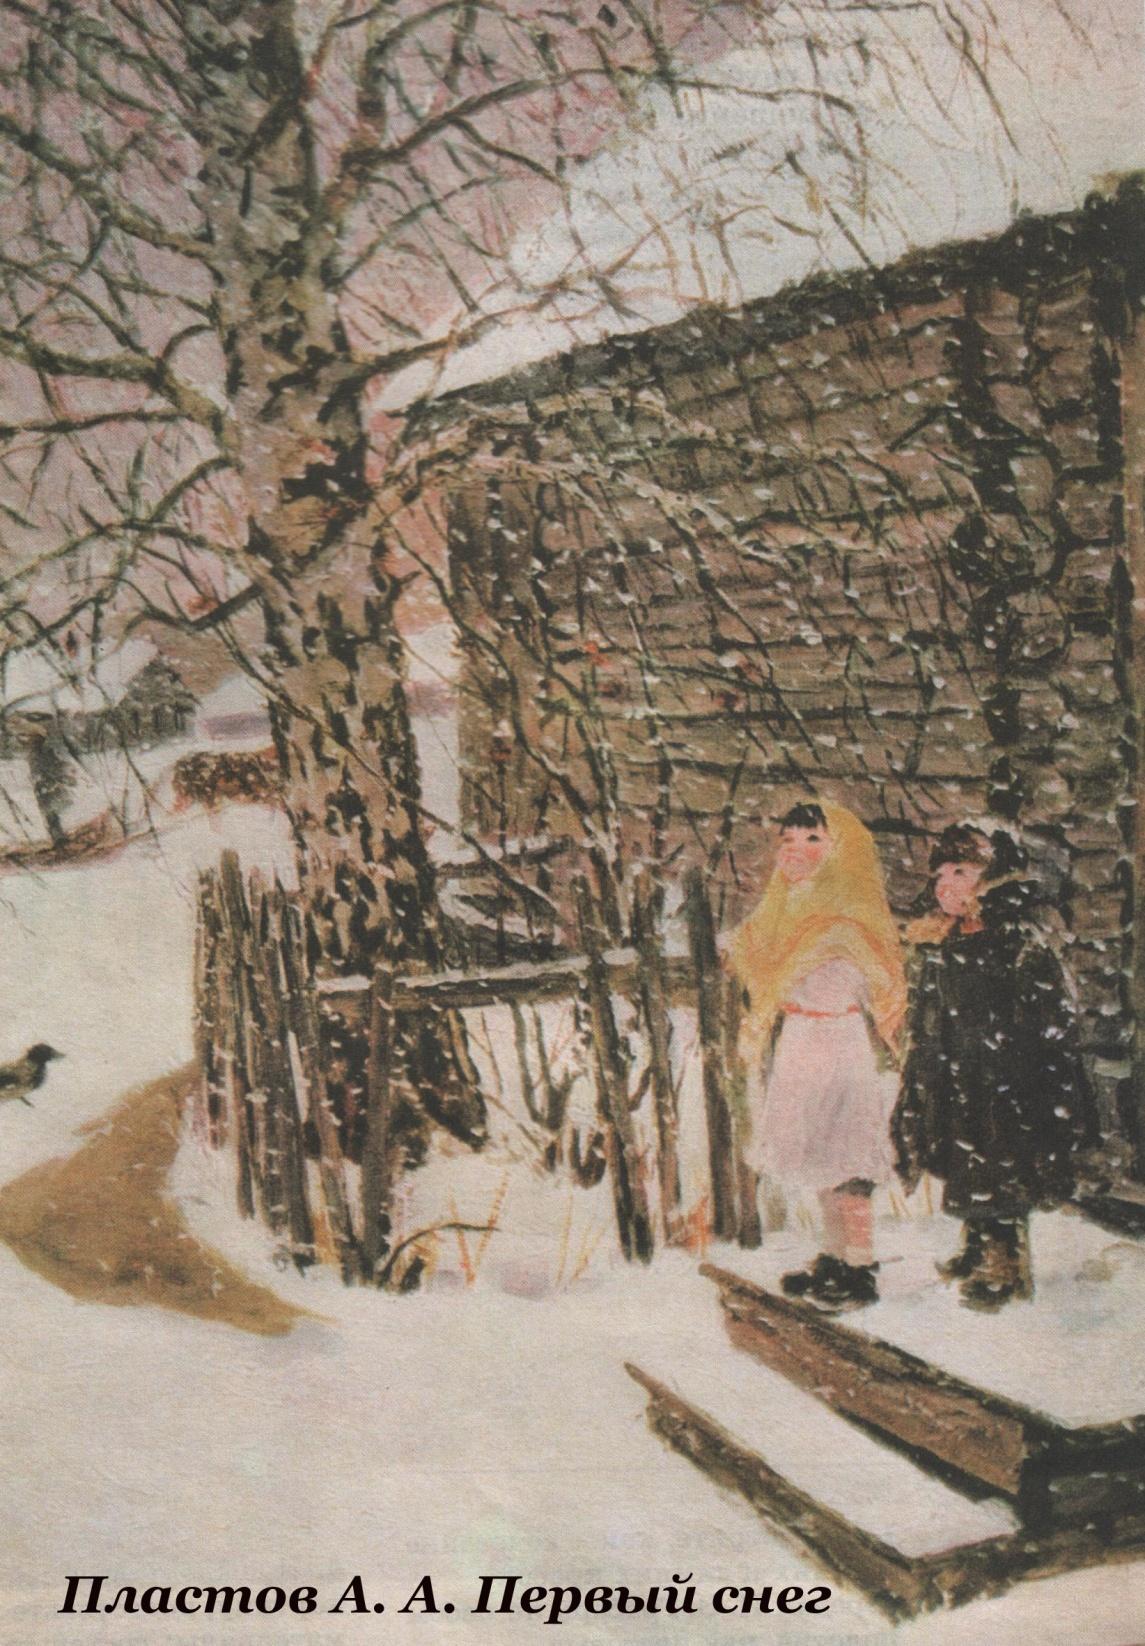 картинка платонова первый снег схватил